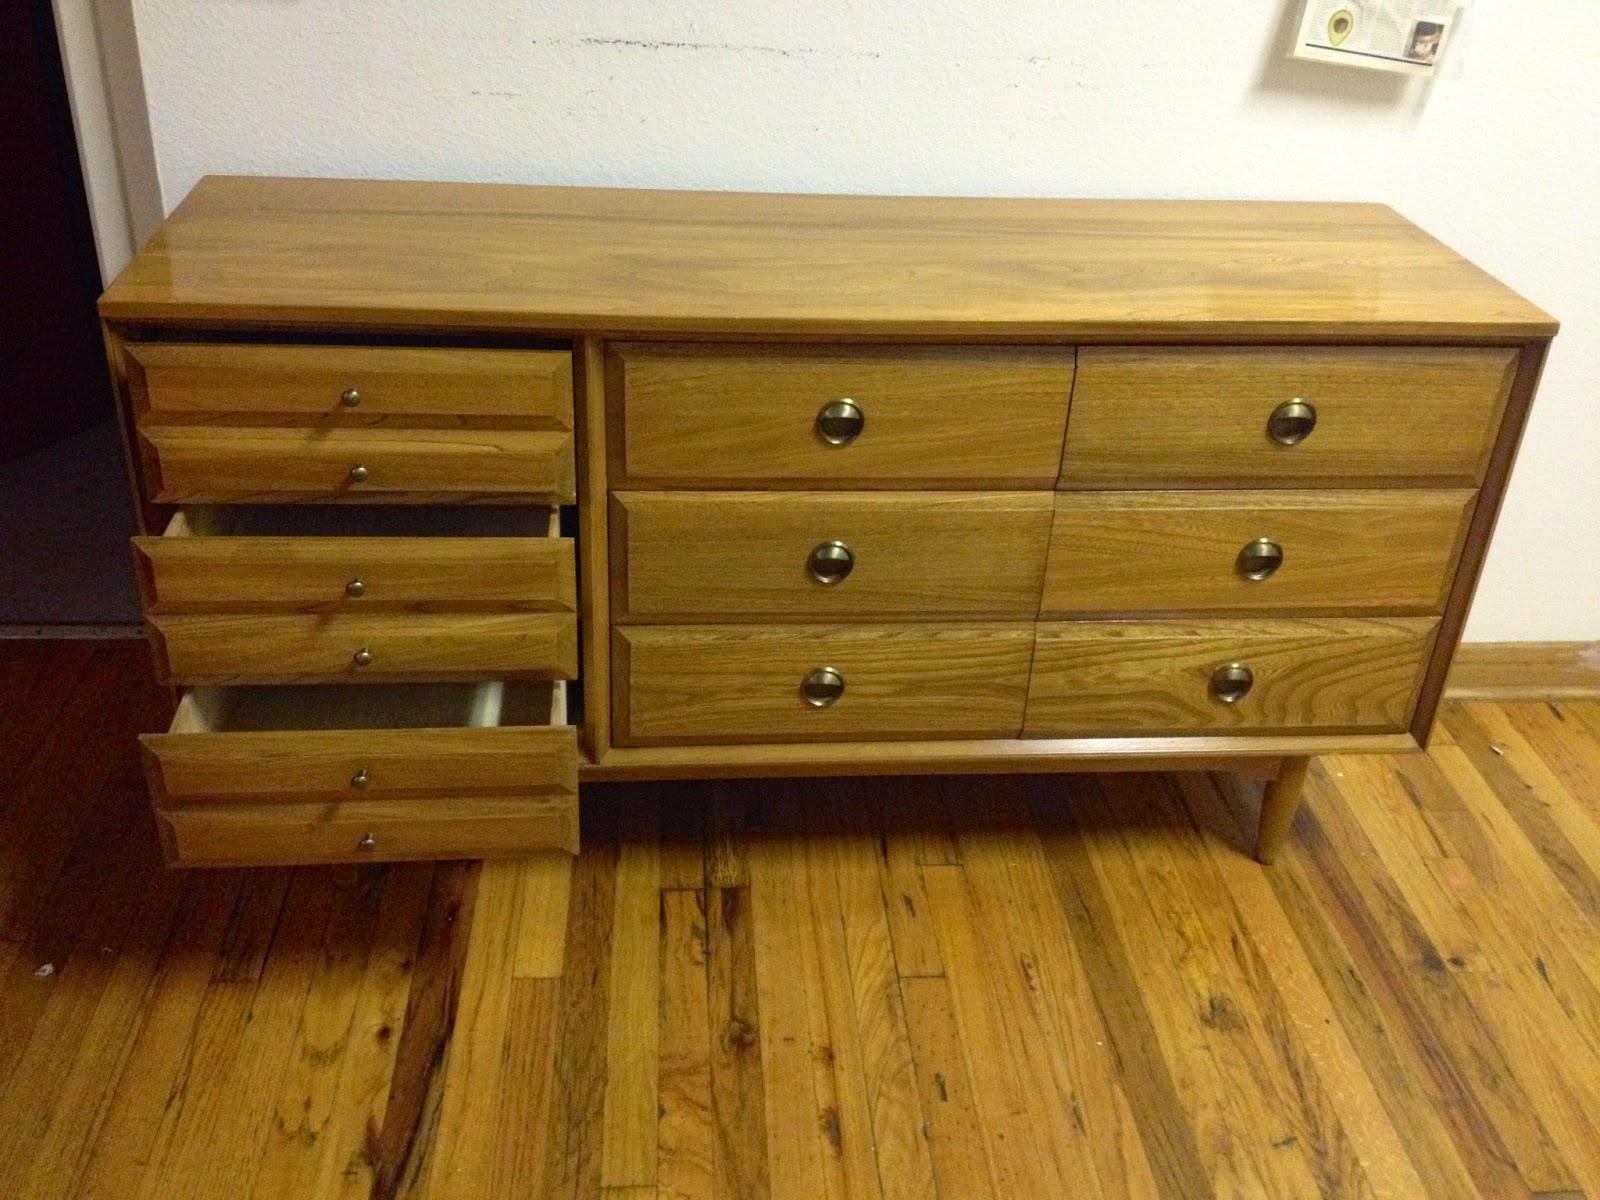 revamp dressers nightstands. Black Bedroom Furniture Sets. Home Design Ideas